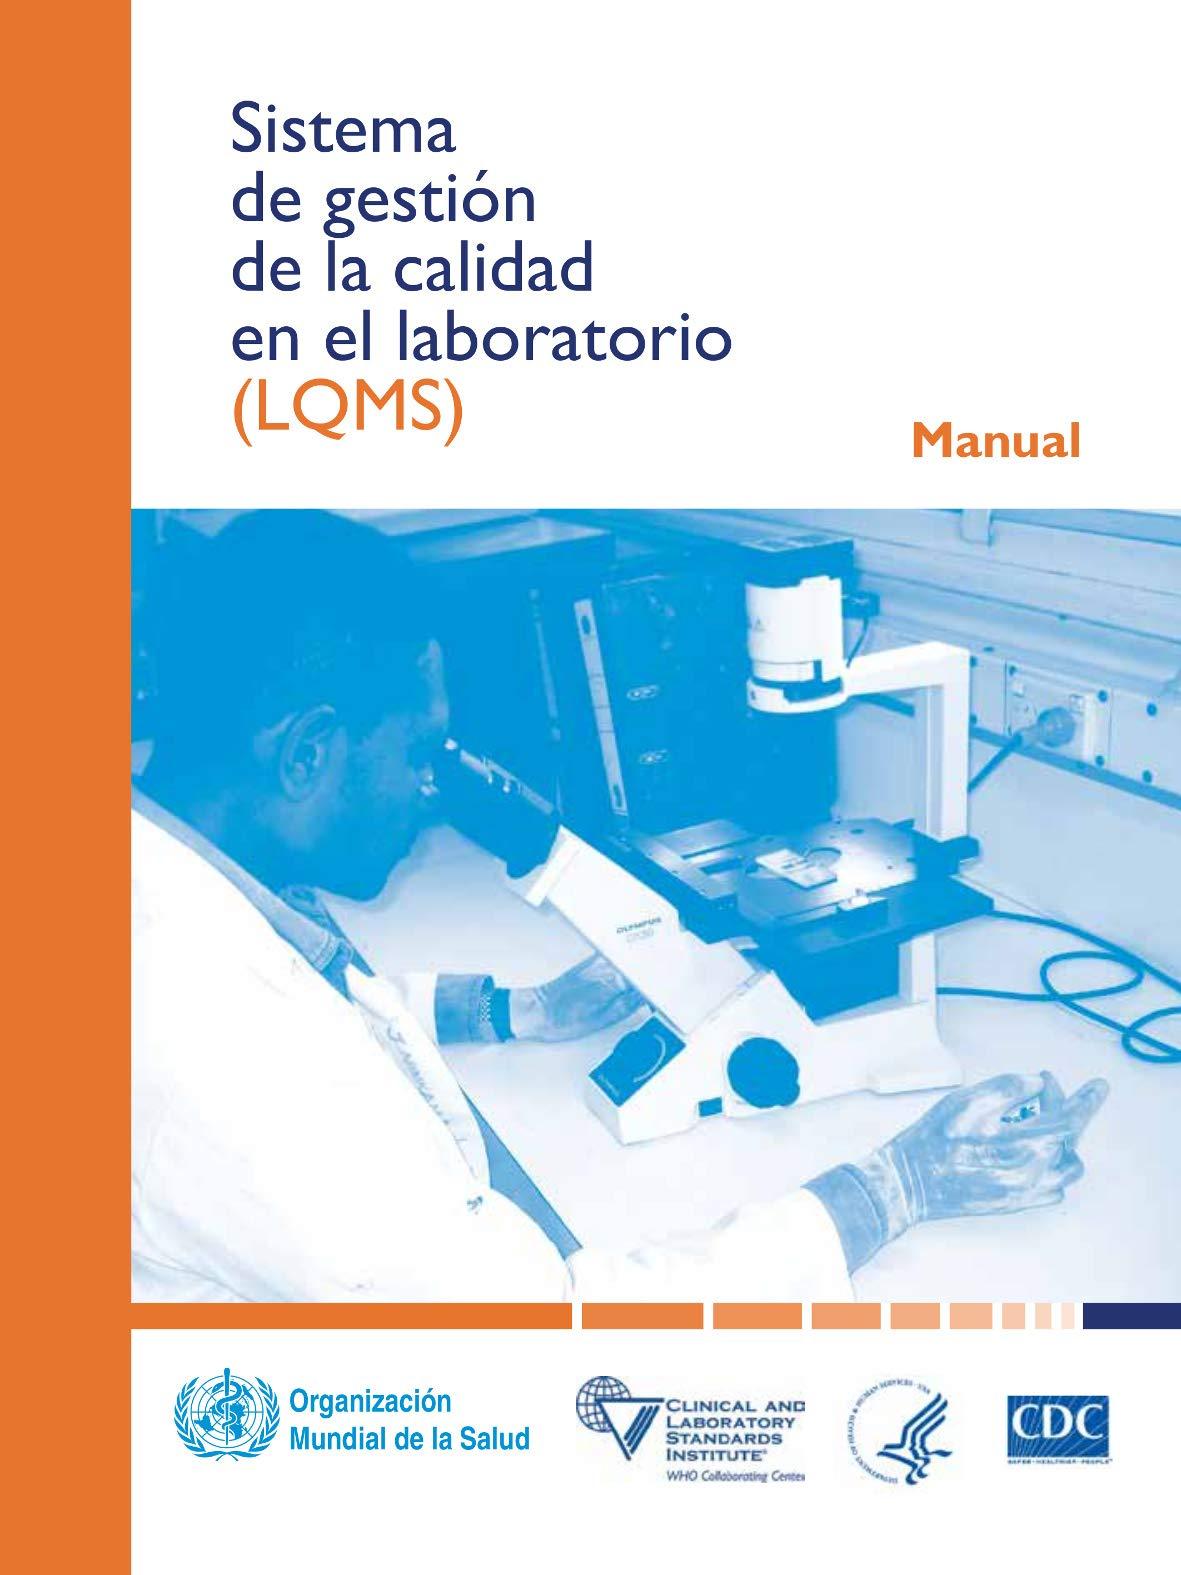 Sistema de gestión de la calidad en el laboratorio: Manual ...